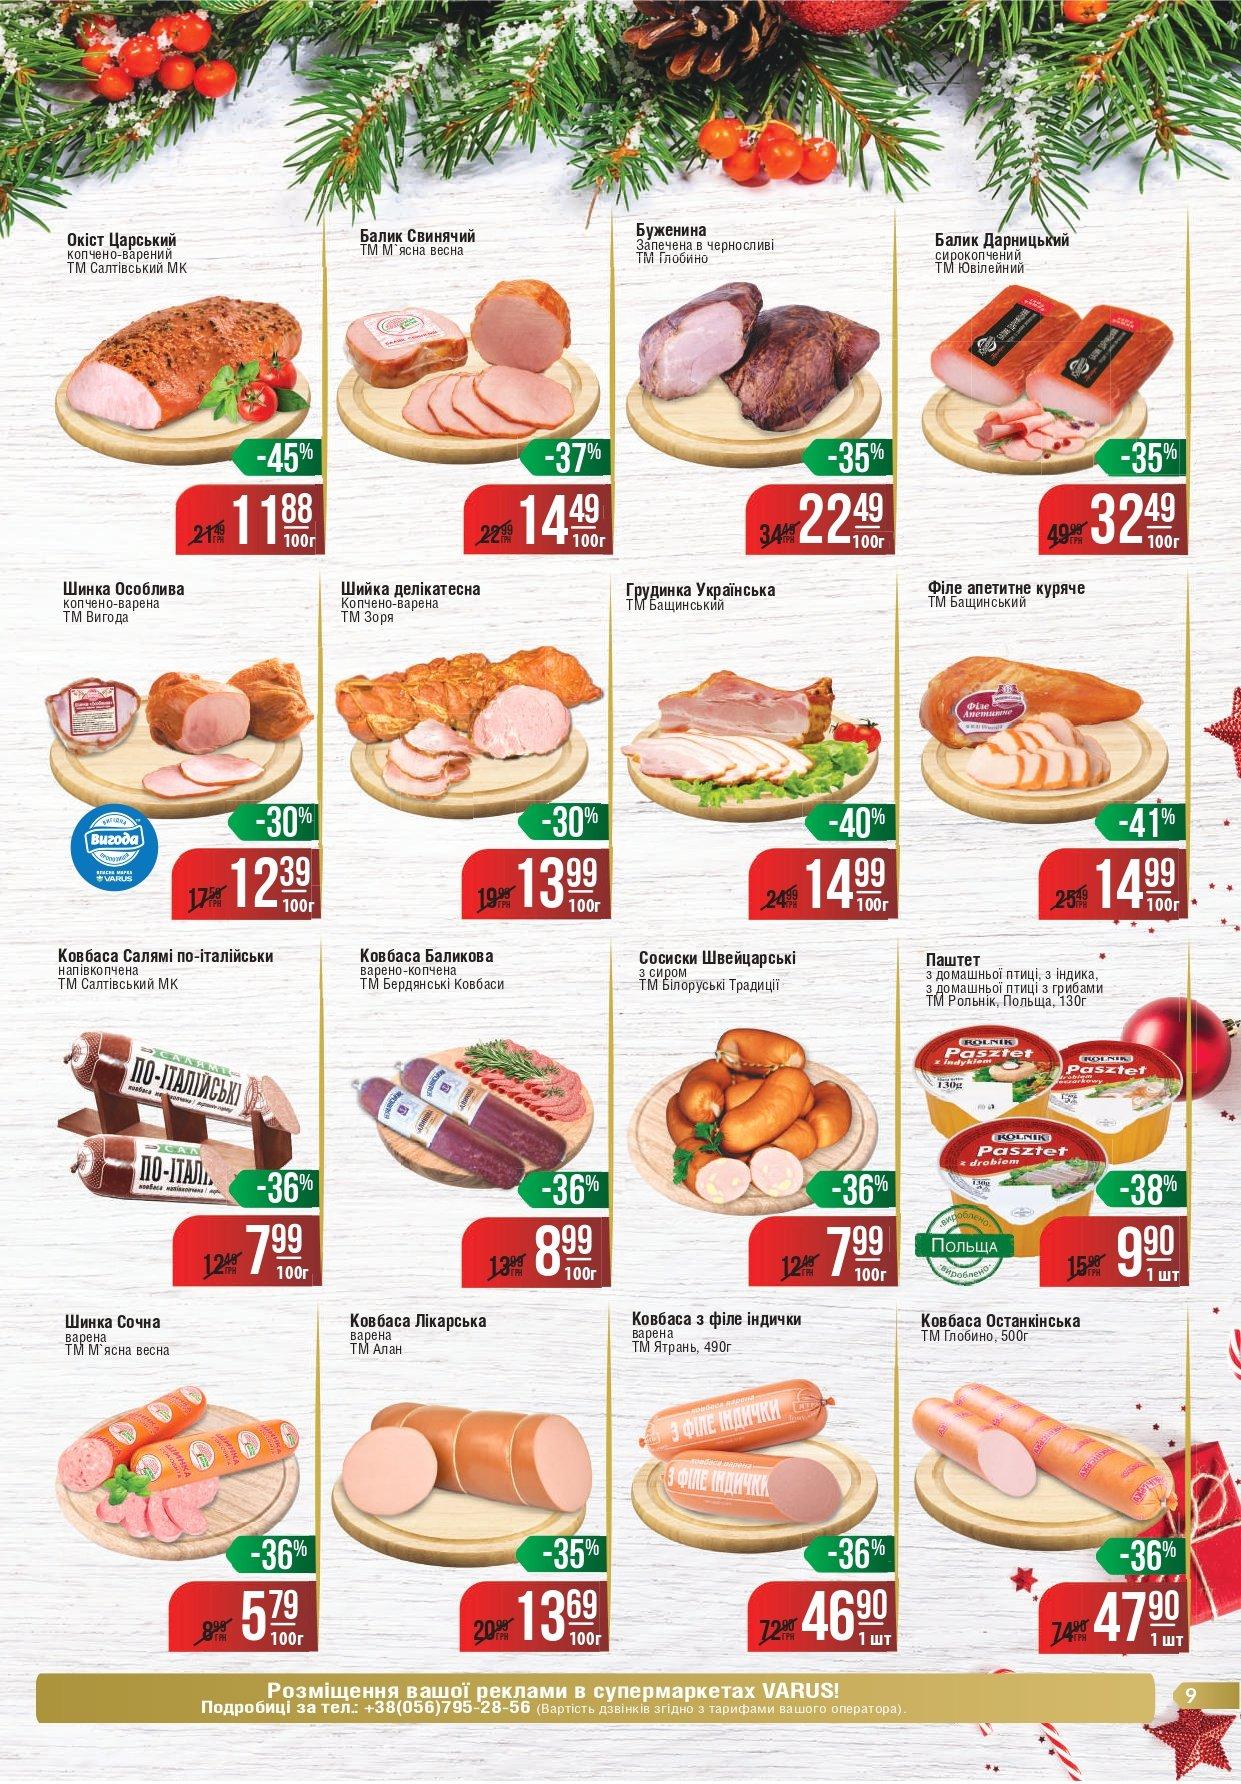 Делаем покупки к Новому Году: какие акции действуют в супермаркетах Днепра, - ЦЕНЫ, фото-38